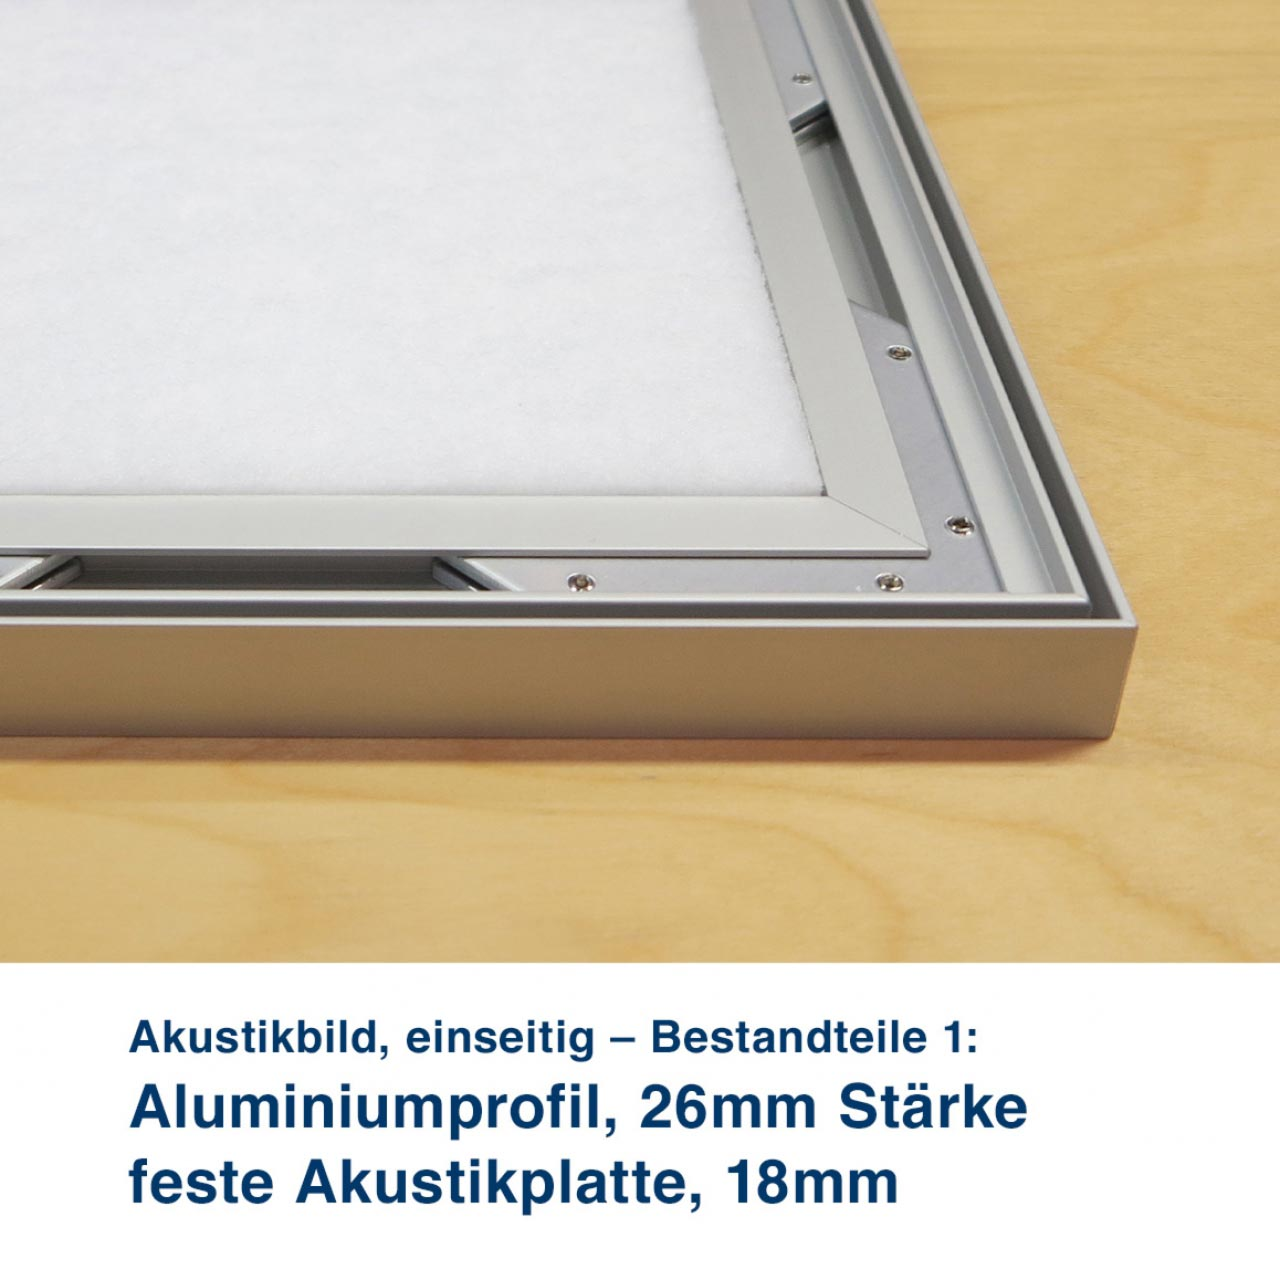 Akustikbild, einseitig – Bestandteile 3:  Schalldurchlässiger E+P Akustik Stoff und mit angenähtem Flachkeder. feste Akustikplatte, 18mm